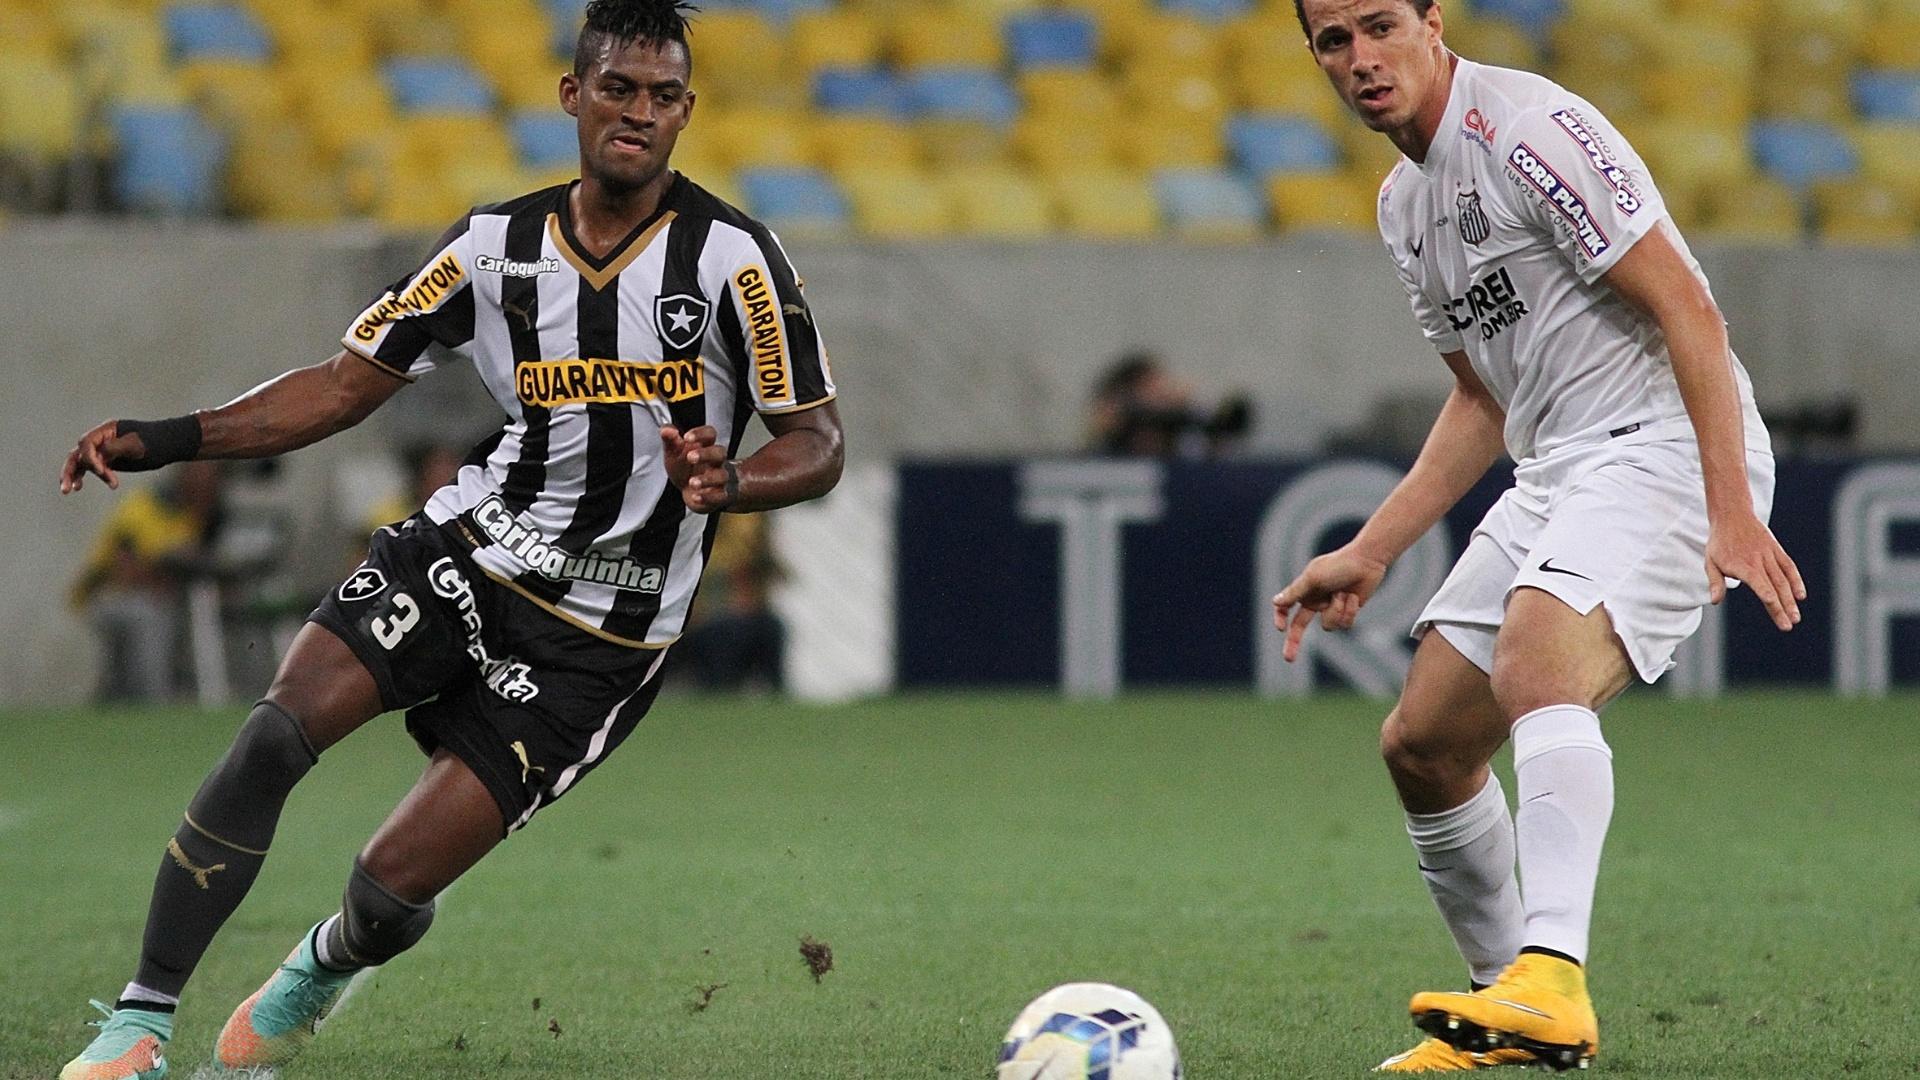 Dankler tenta toque para o Botafogo observado por Leandro Damião, do Santos